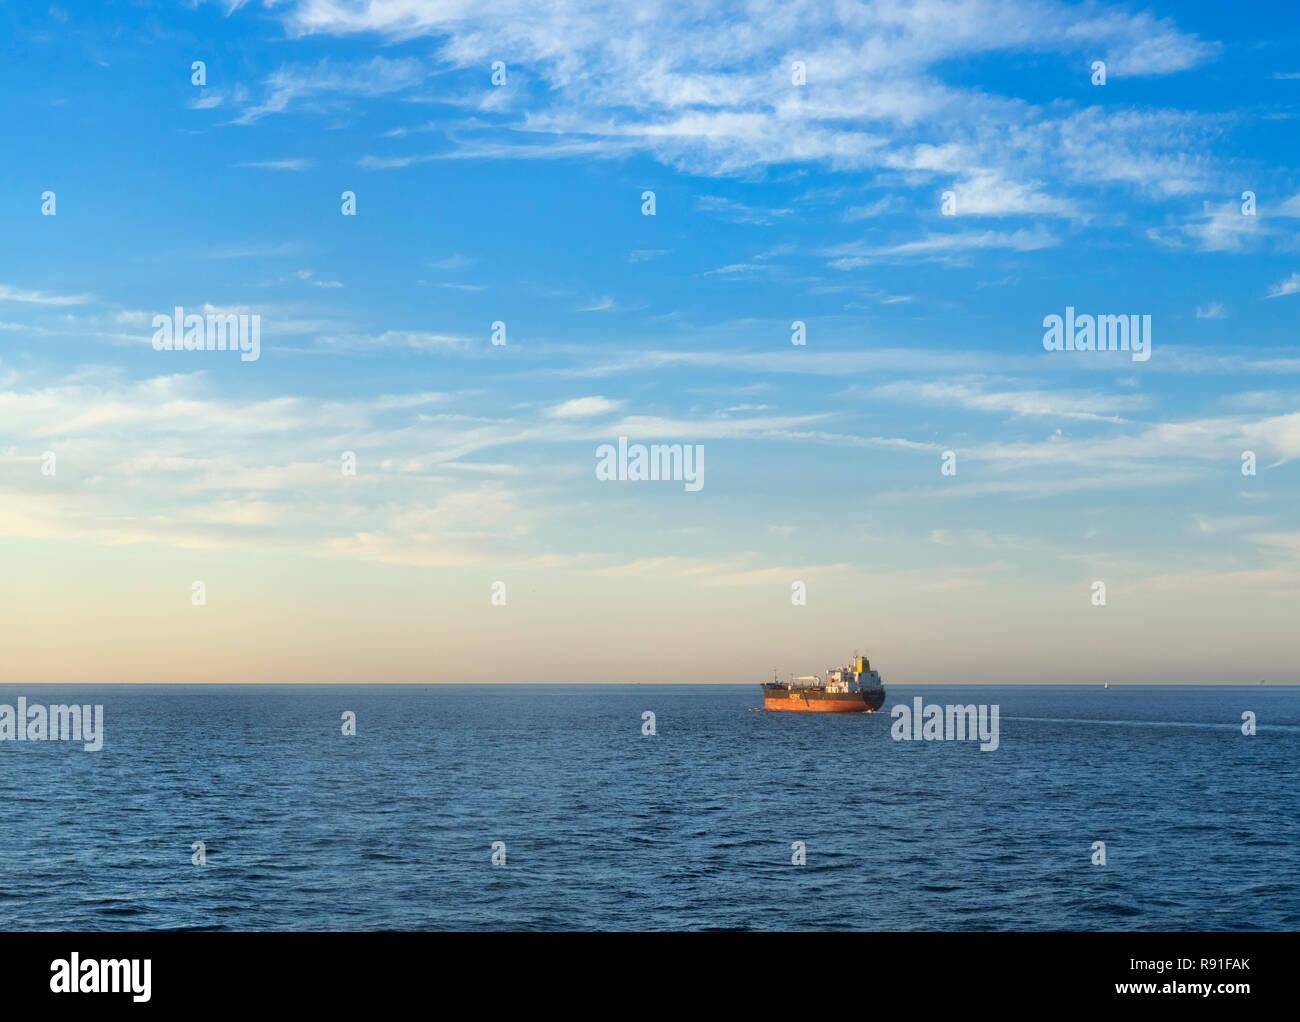 Arctic Breeze / químico petrolero en el Mar del Norte, Europa Imagen De Stock